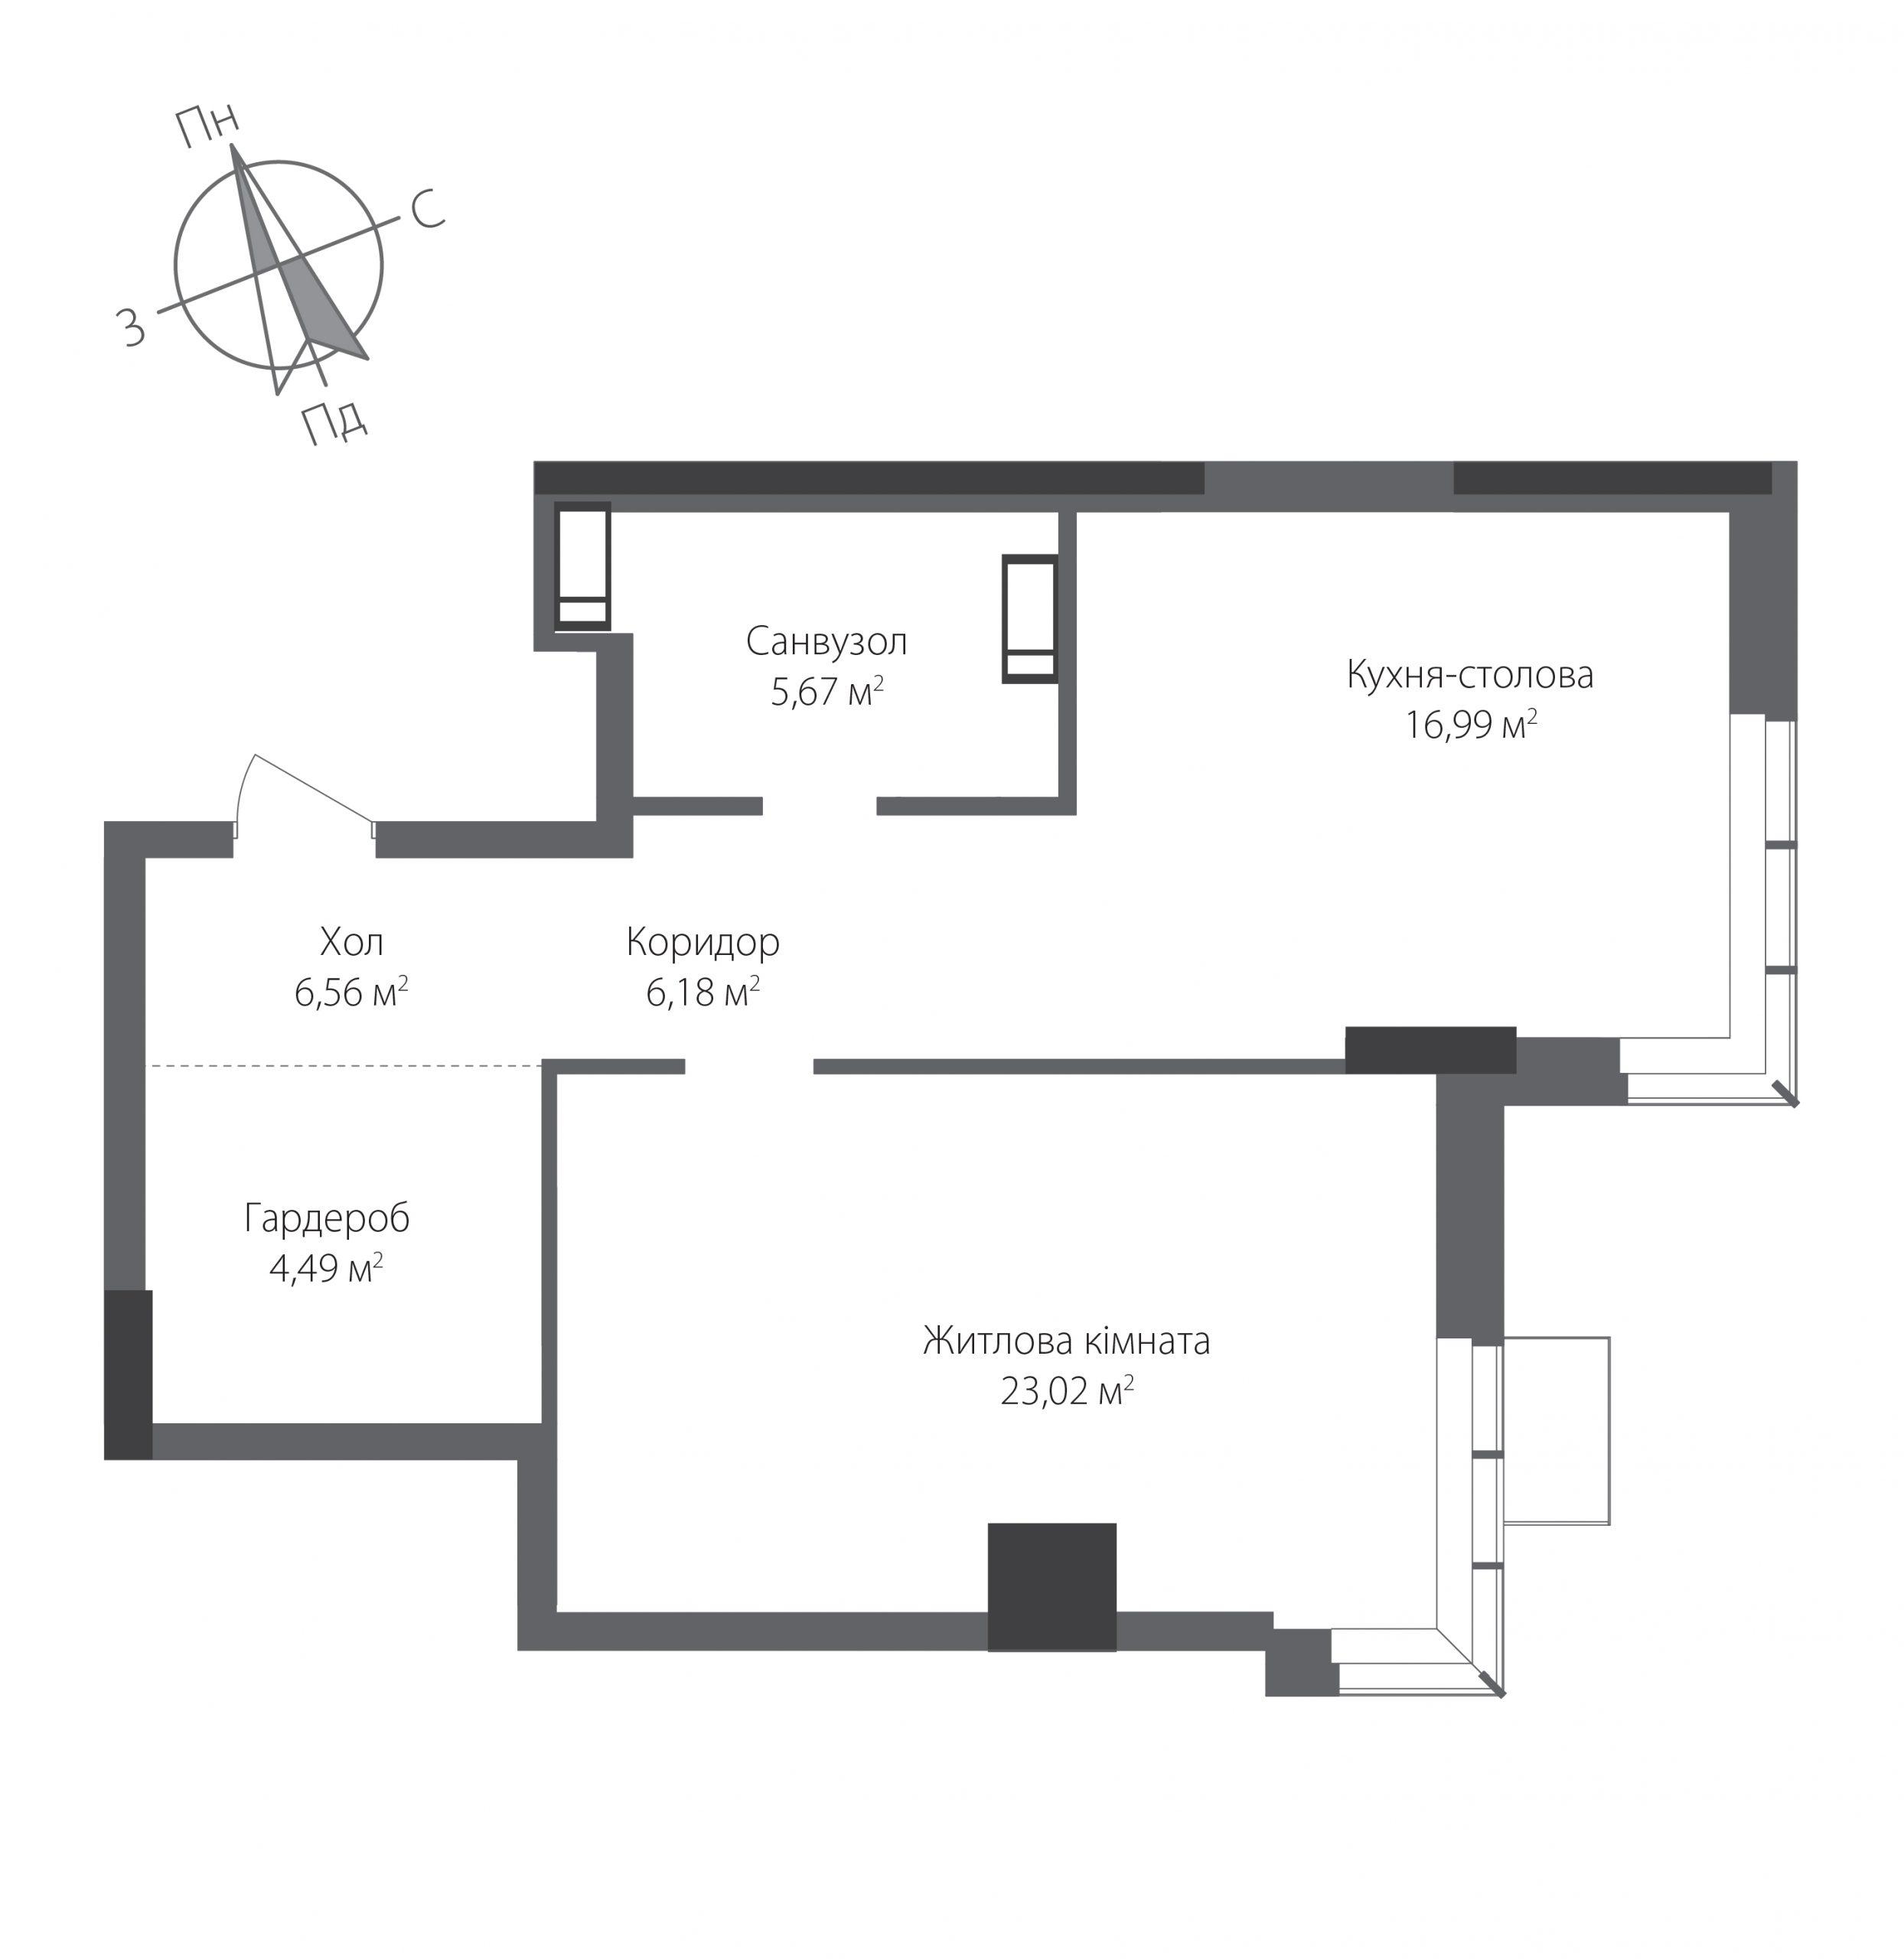 Номер квартиры №1201, Дом 9, Этаж 12, Полная площадь 62,91